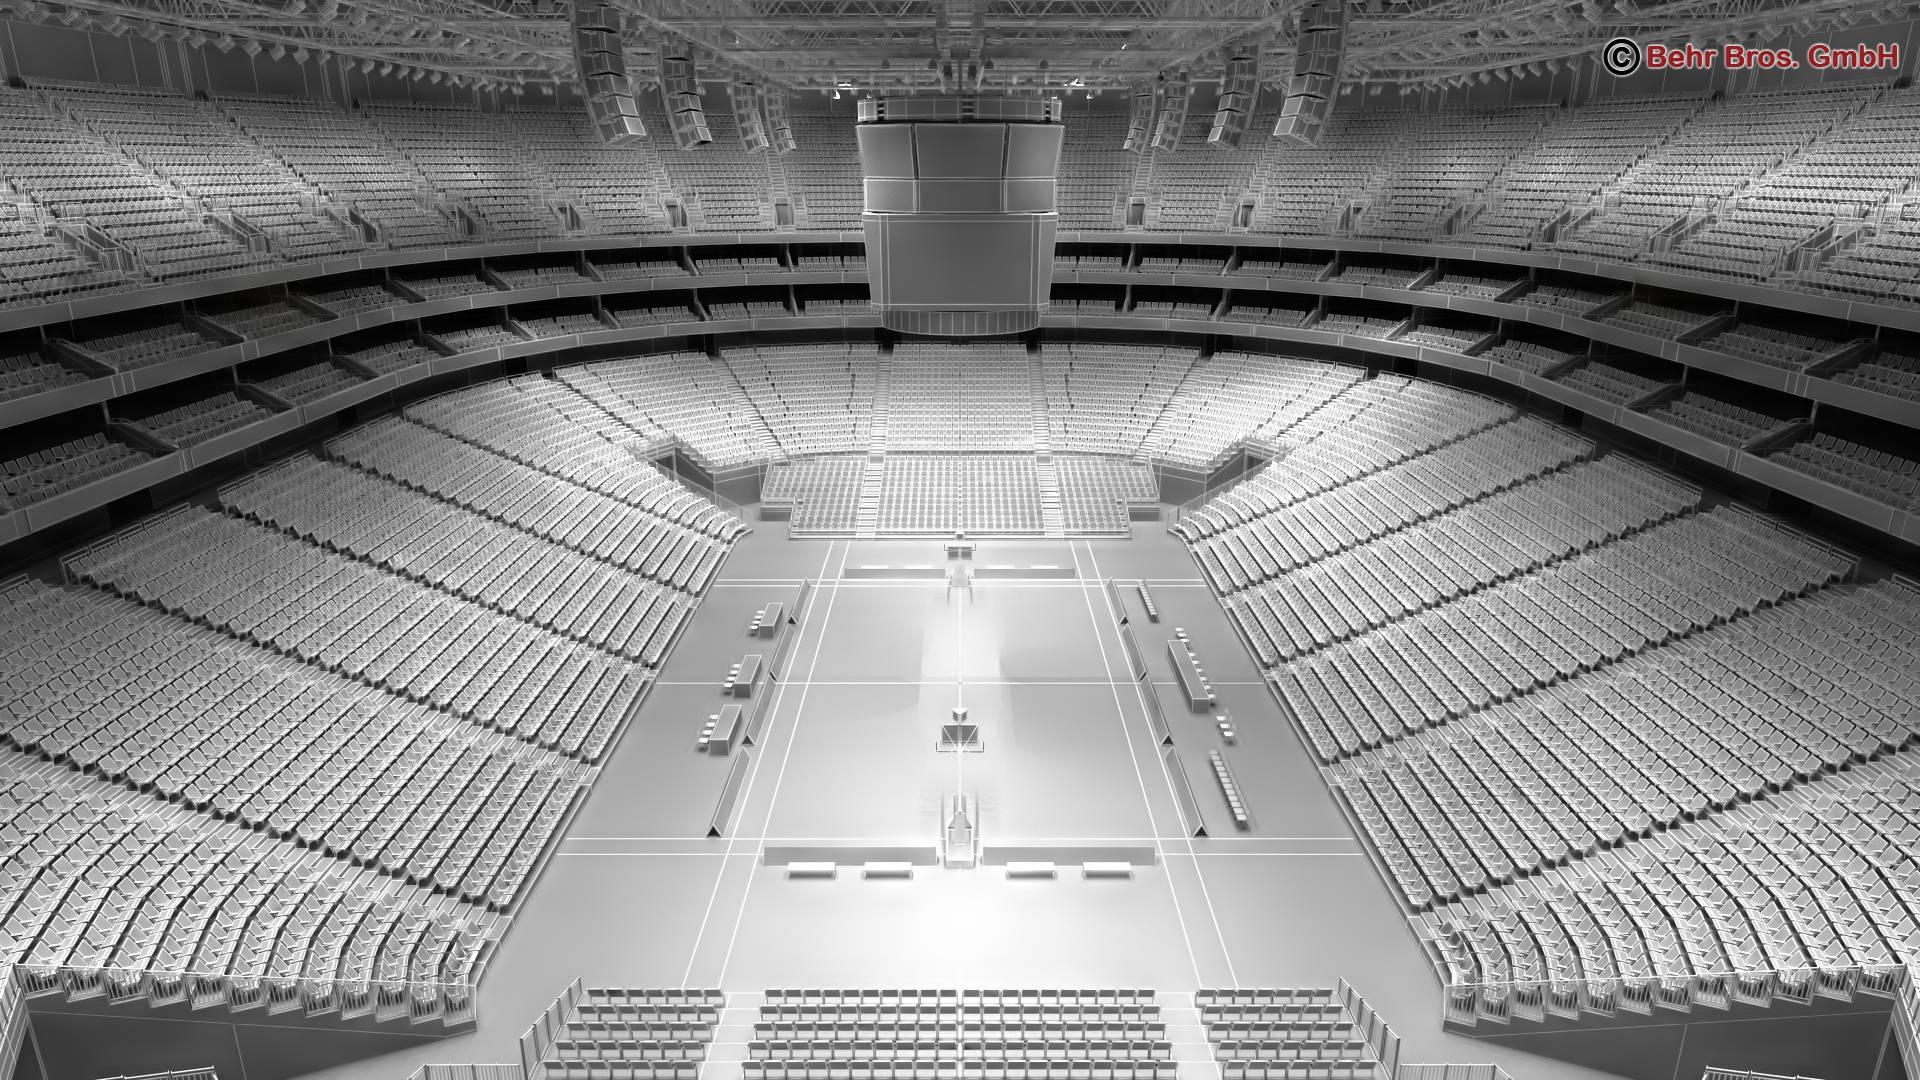 arena pêl-fasged v2 model 3d 3ds max fbx c4d am fwy o wybodaeth 222374